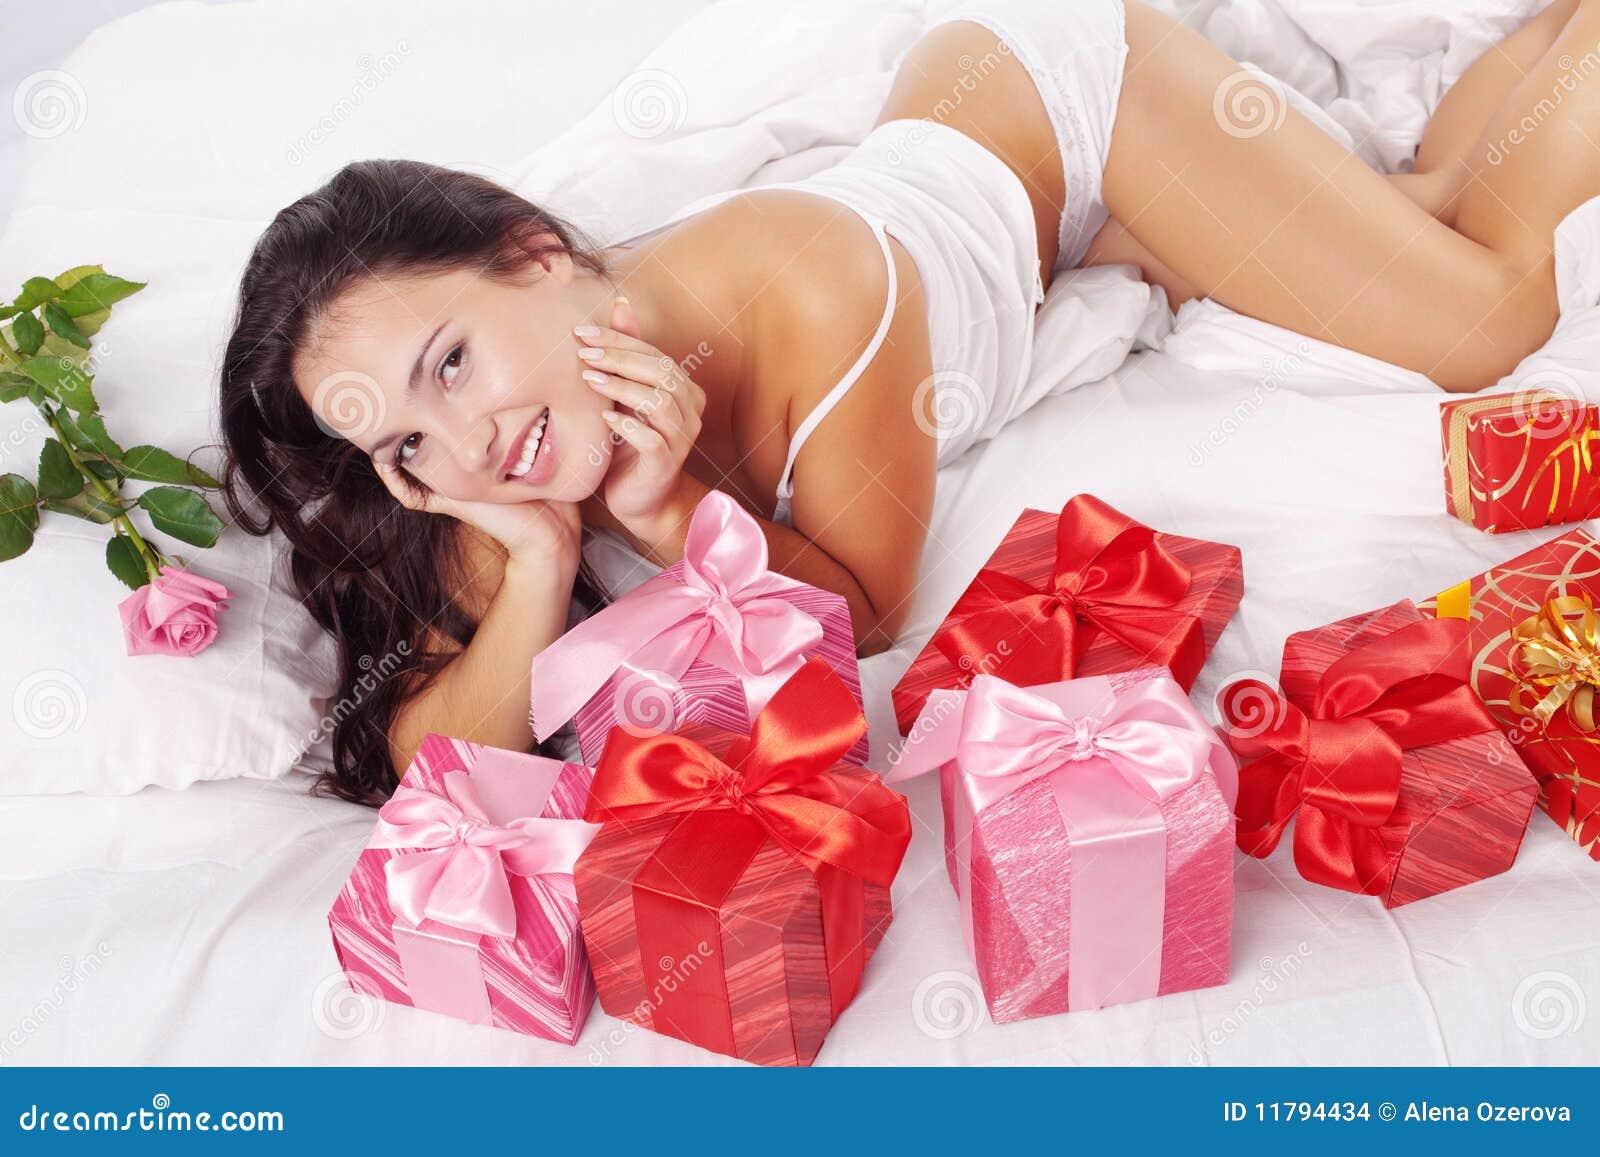 eroticheskiy-podarok-lyubimoy